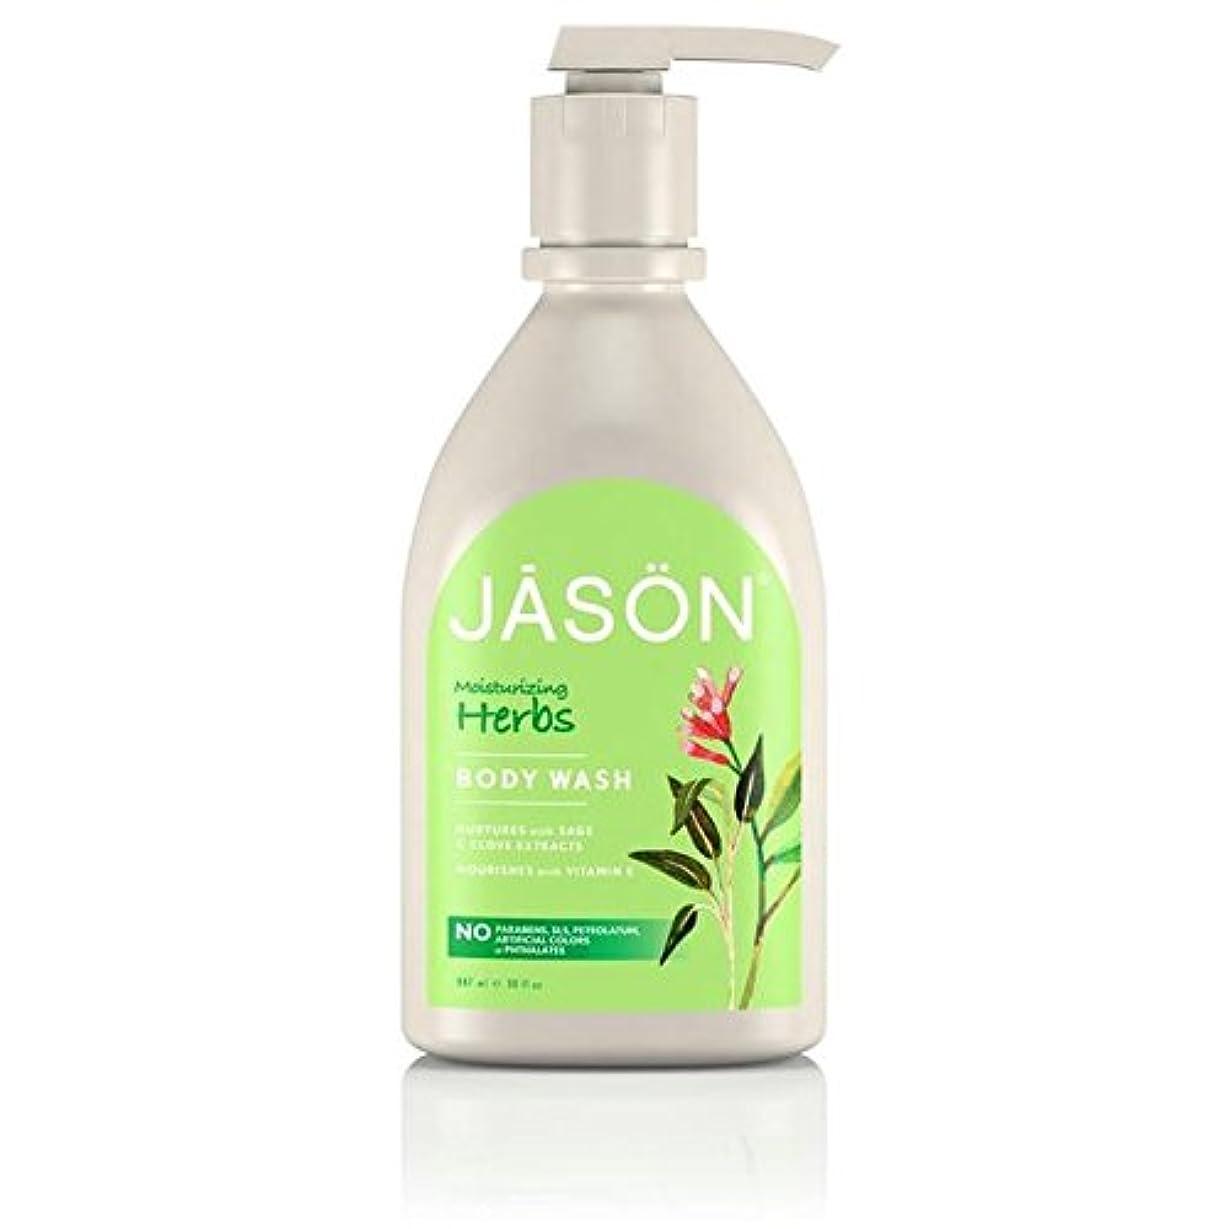 同意泥切り離すJason Herbal Satin Body Wash Pump 900ml (Pack of 6) - ジェイソン?ハーブサテンボディウォッシュポンプ900ミリリットル x6 [並行輸入品]